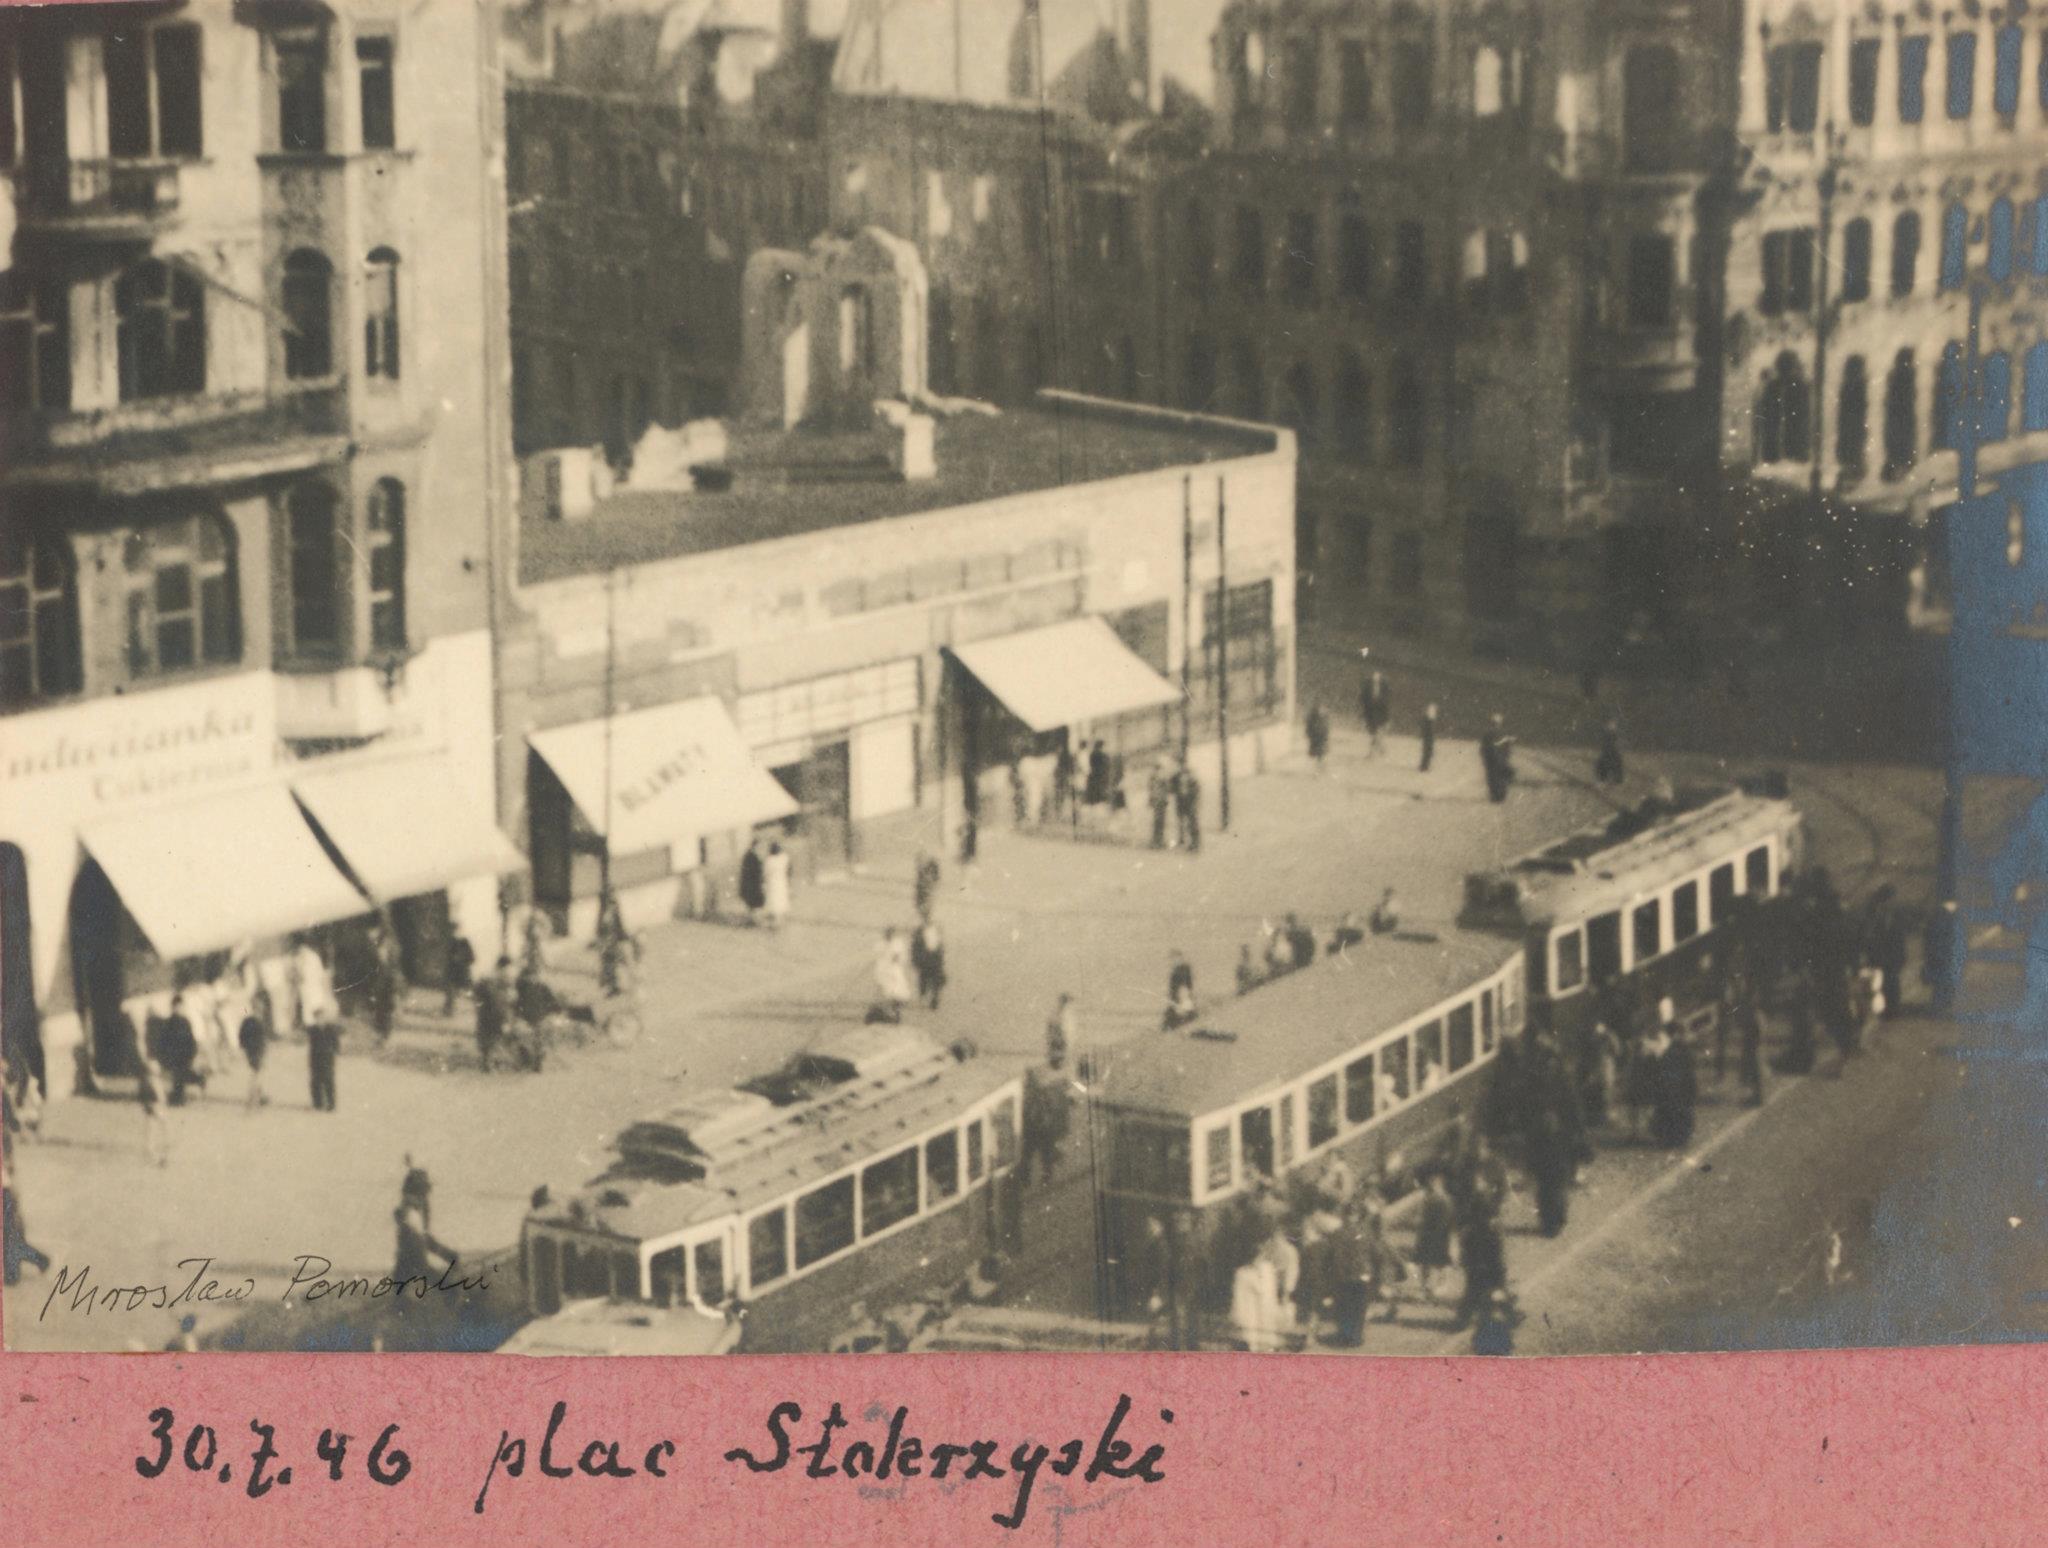 Plac Świętokrzyski 30.07.1946  Foto: Mirosław Pomorski / MKZ